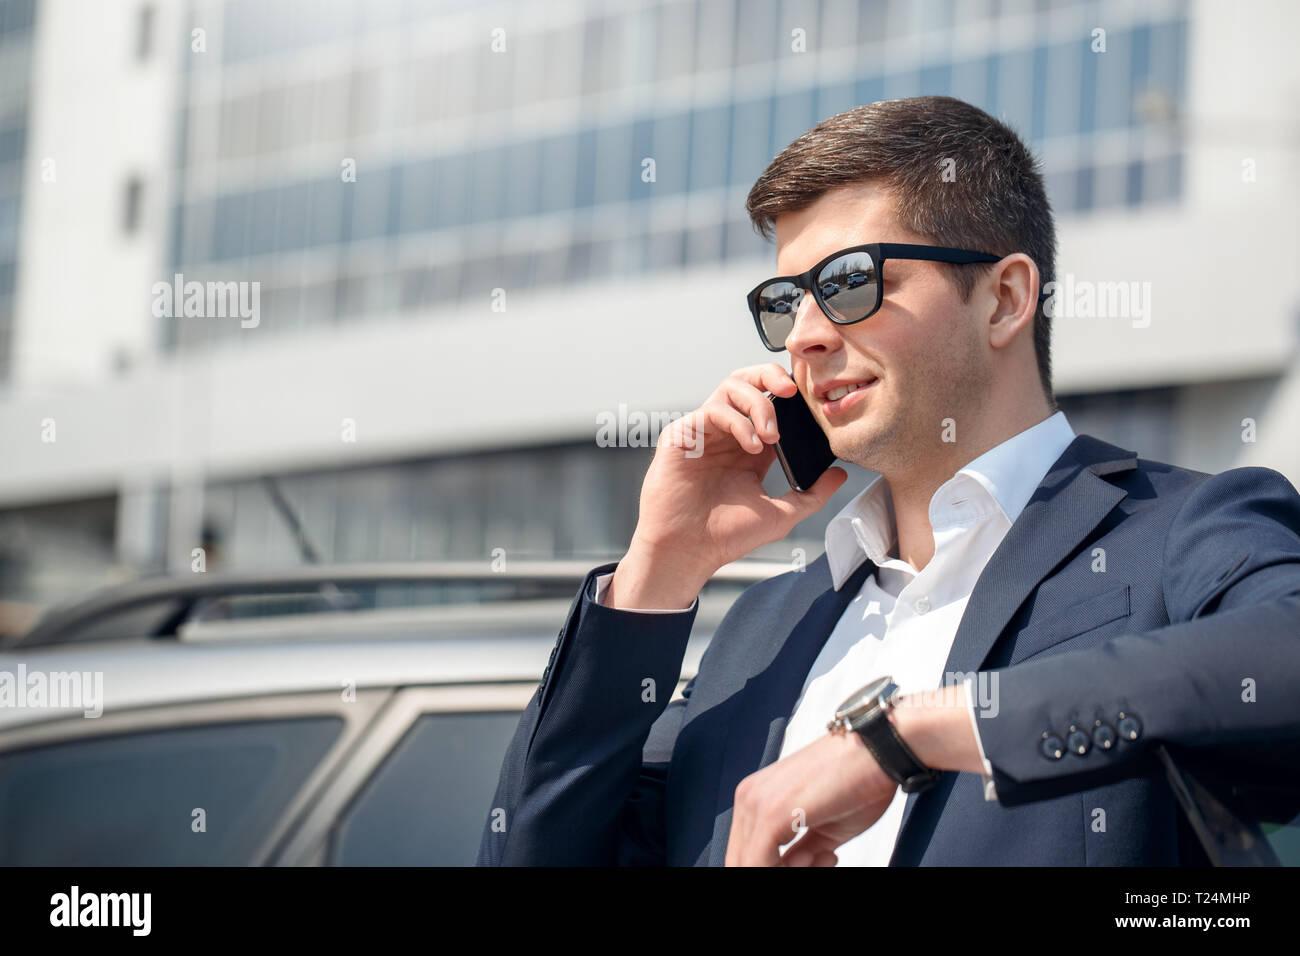 73374077f4 Empresario joven con gafas de sol de pie apoyándose en coche hablando en  smartphone con un